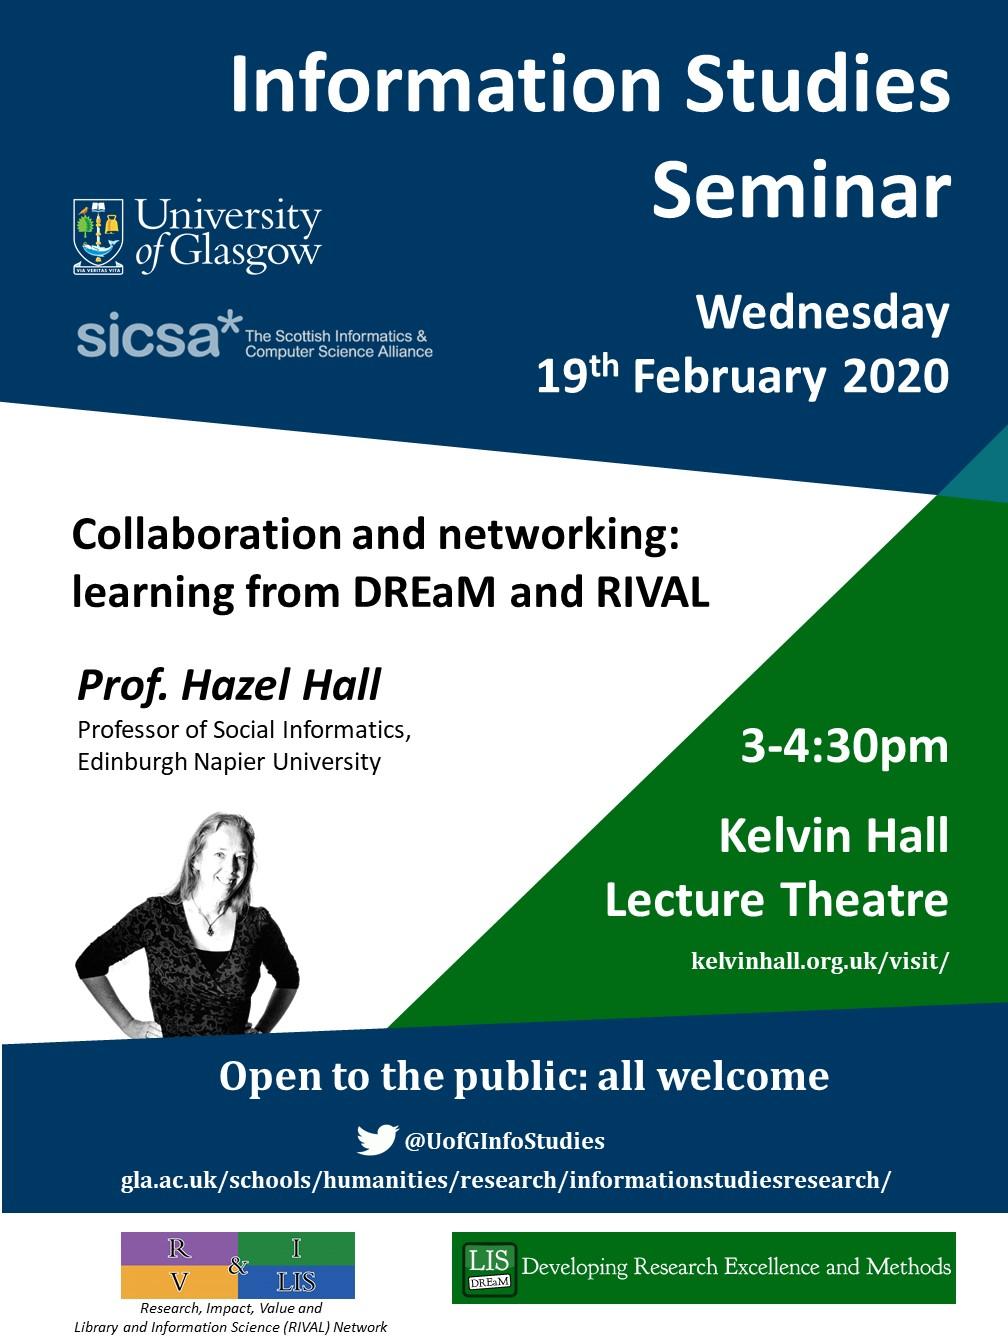 Prof. Hazel Hall - full poster